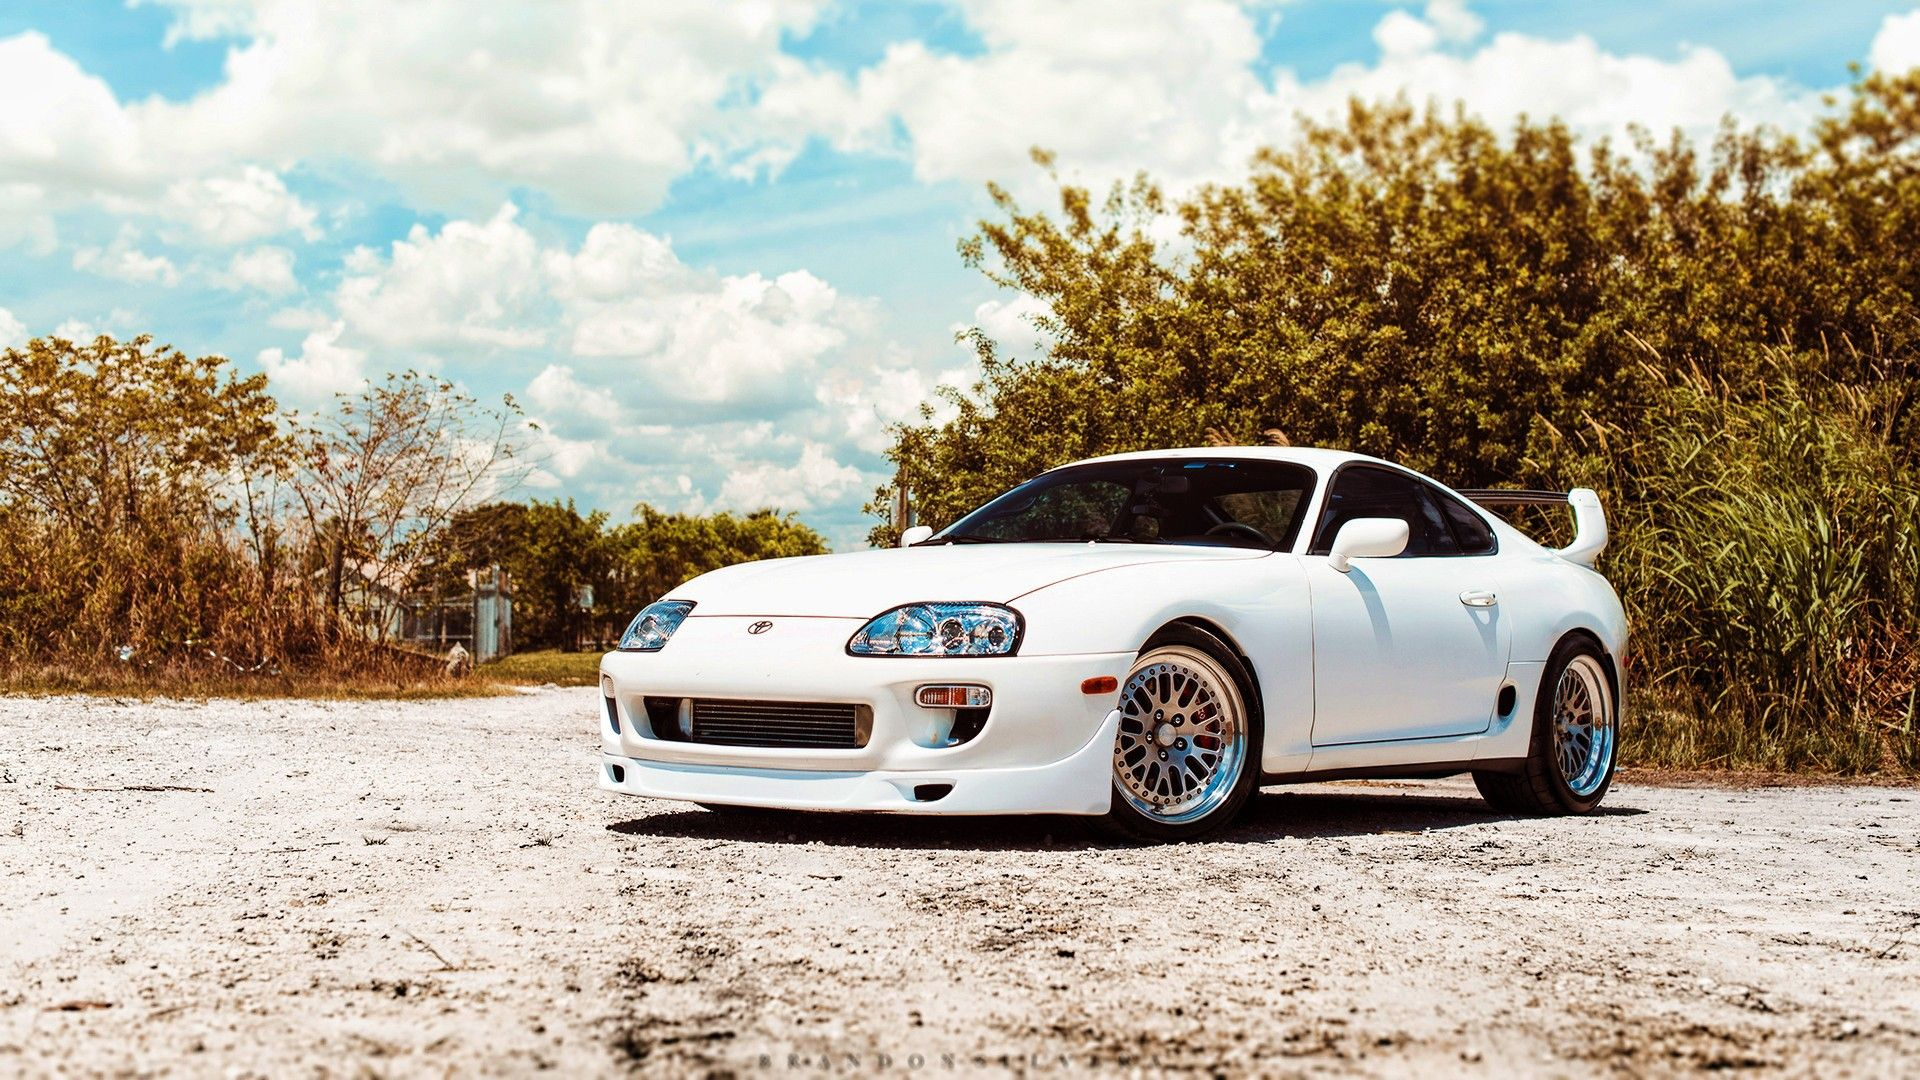 Swirl Marks On White Car